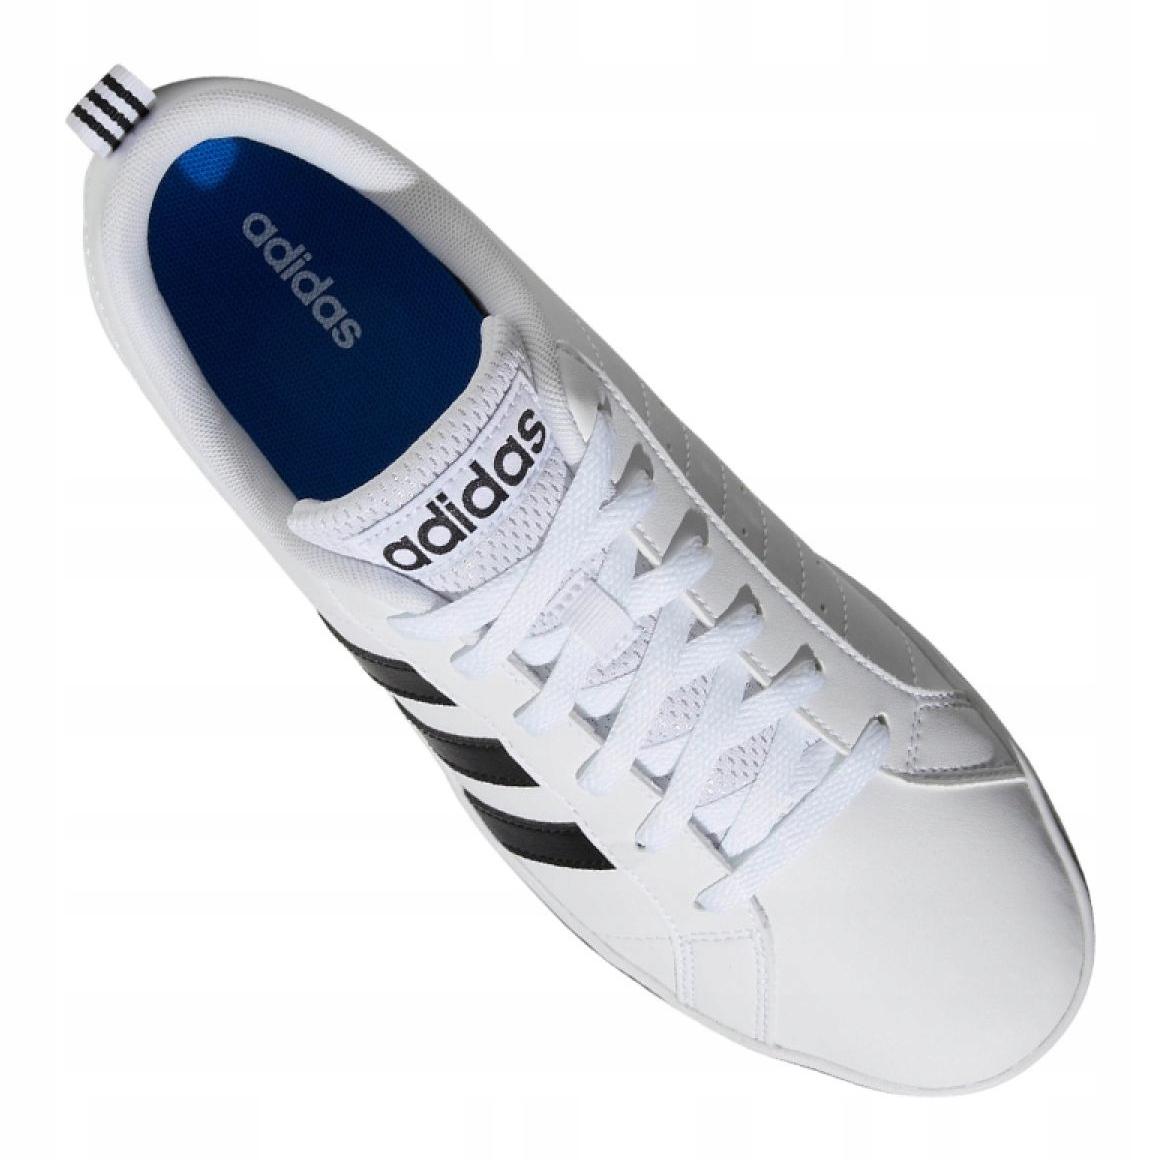 Zu Adidas Schuhe Vs Aw4594 Pace M Weiß Details Ybgfv7y6